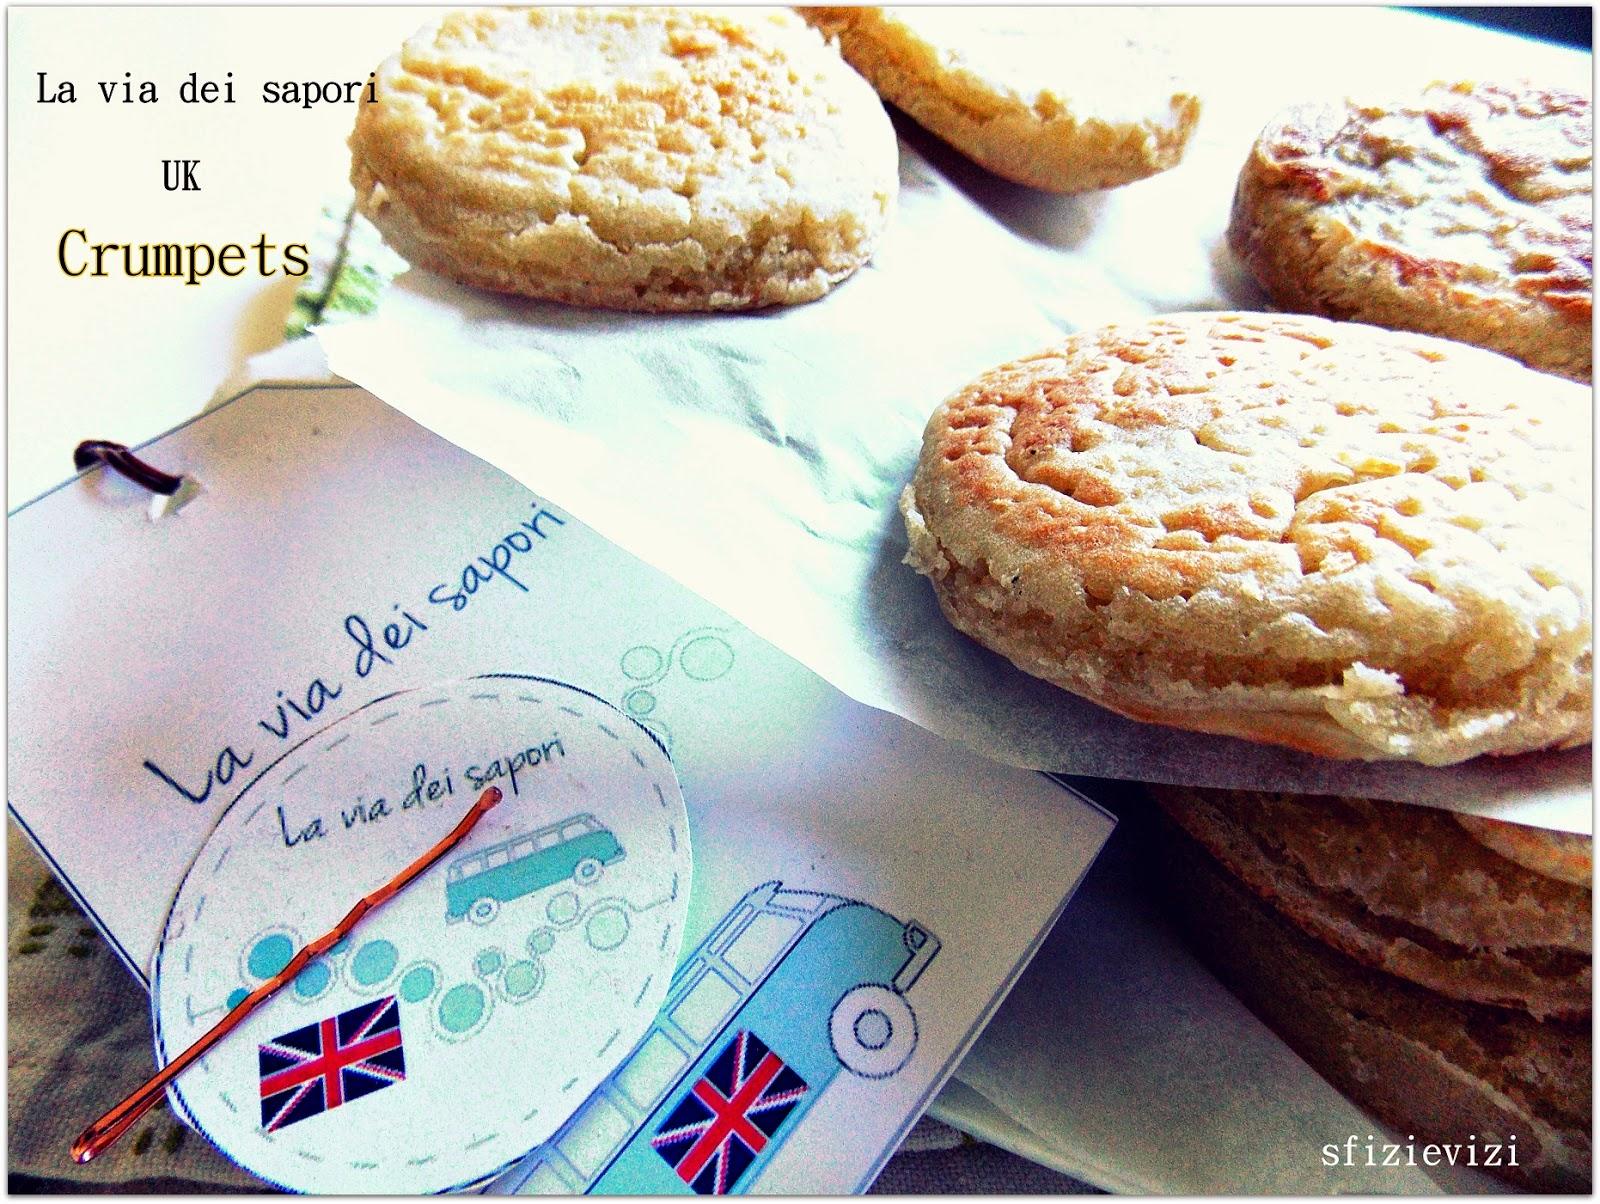 elizabeth david's crumpets - crumpets (senza latticini) per la via dei sapori - inghilterra -